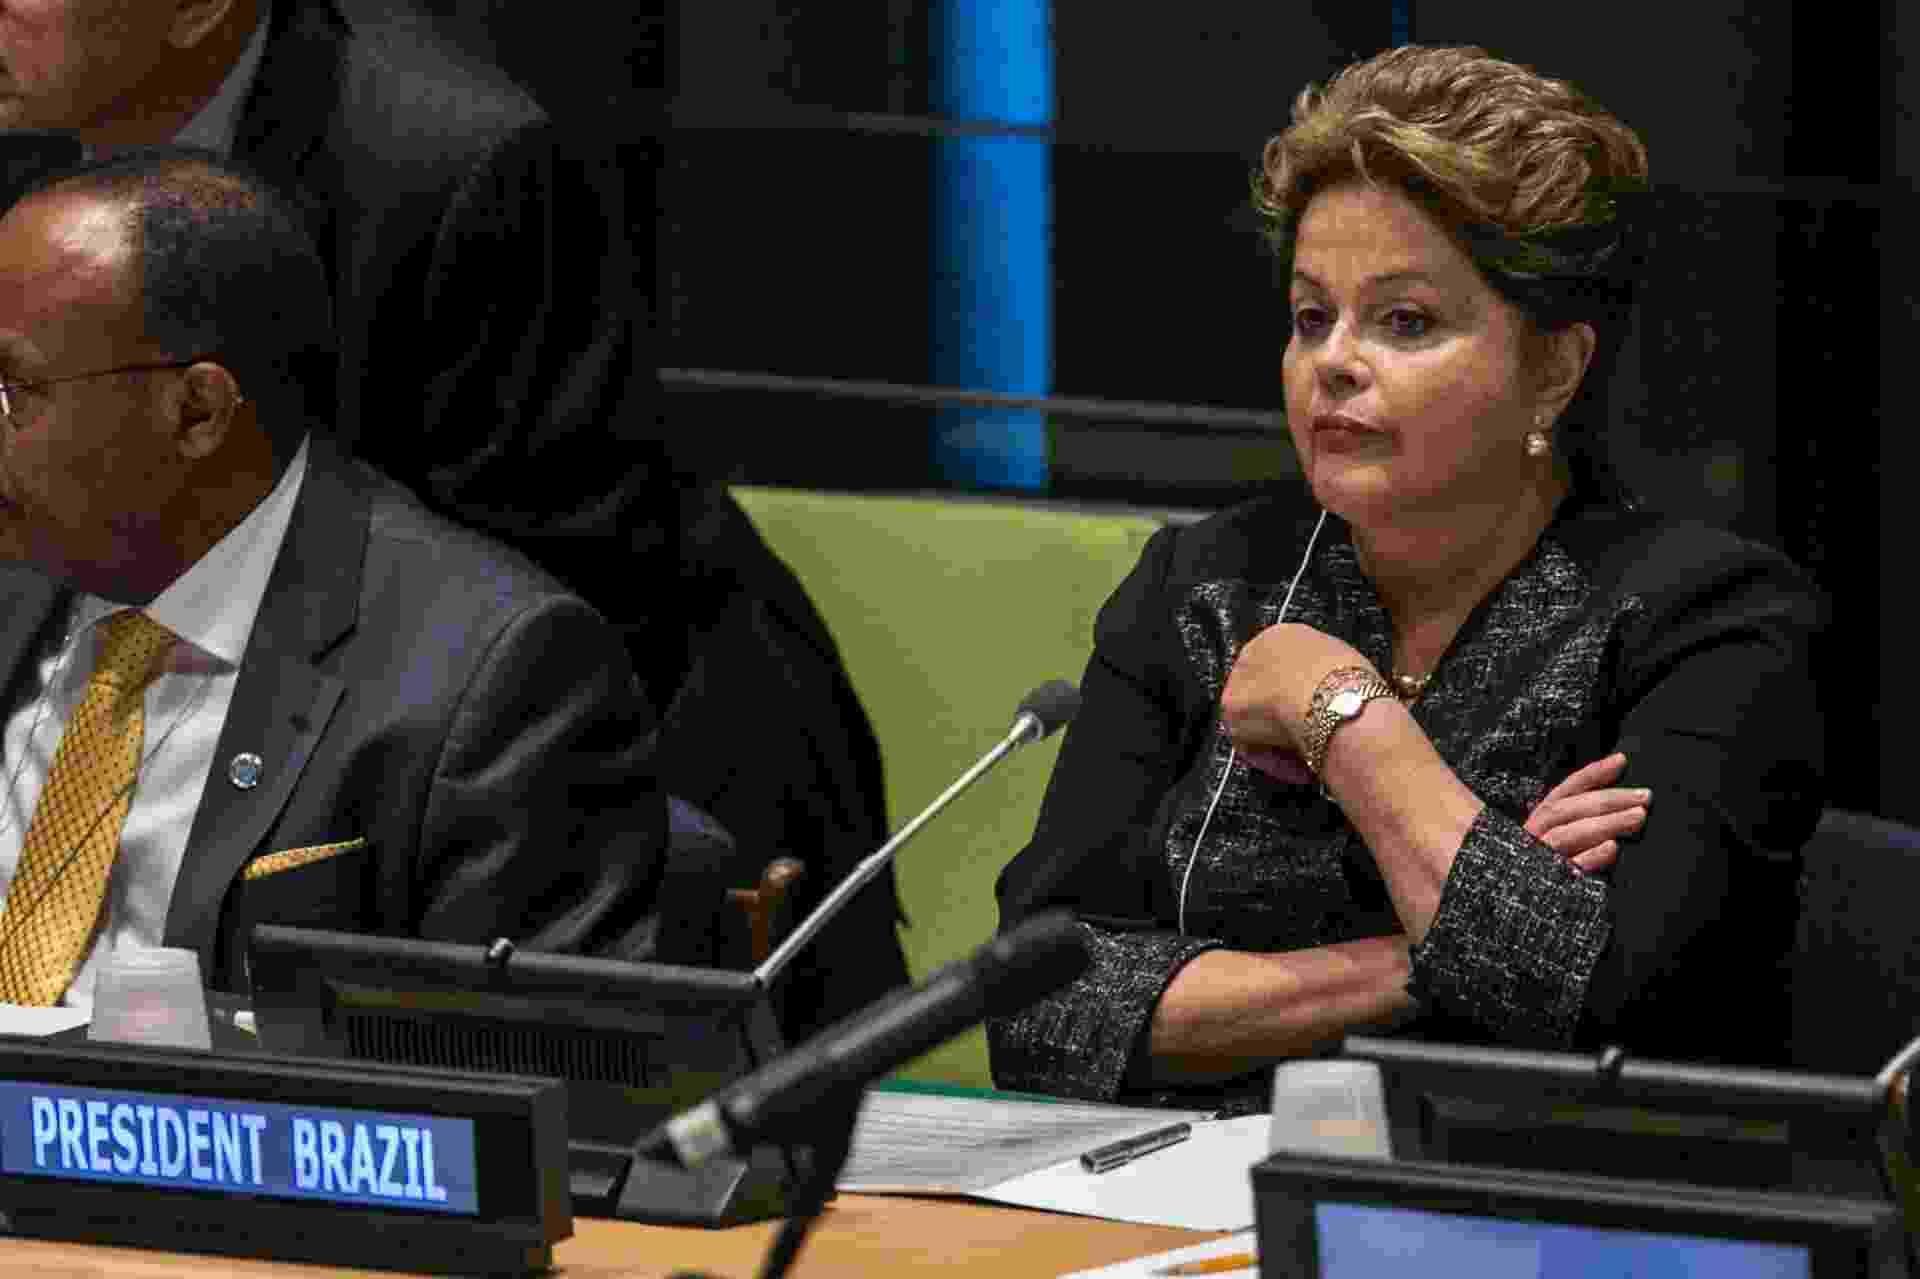 """24set;2013- A presidente Dilma Rousseff participa da mesa de abertura do Foro Político de Alto Nível sobre Desenvolvimento Sustentável """"Building the future we want: from Rio +20 to the Post-2015 Development Agenda"""" - Thiago Bernardes/Frame"""